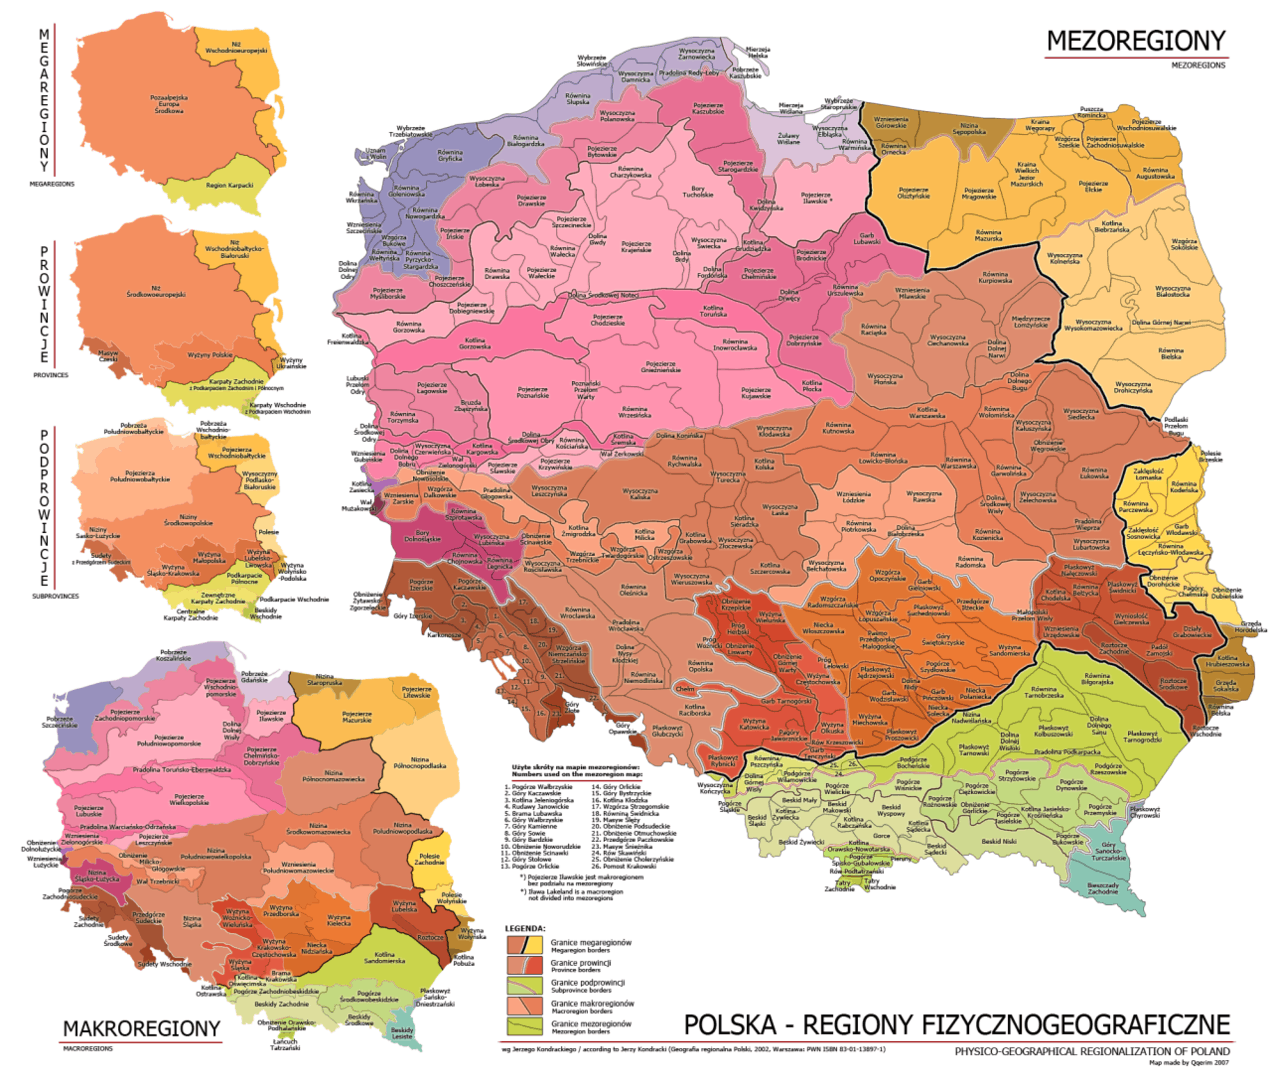 Mapa regionów fizycznogeograficznych Polski